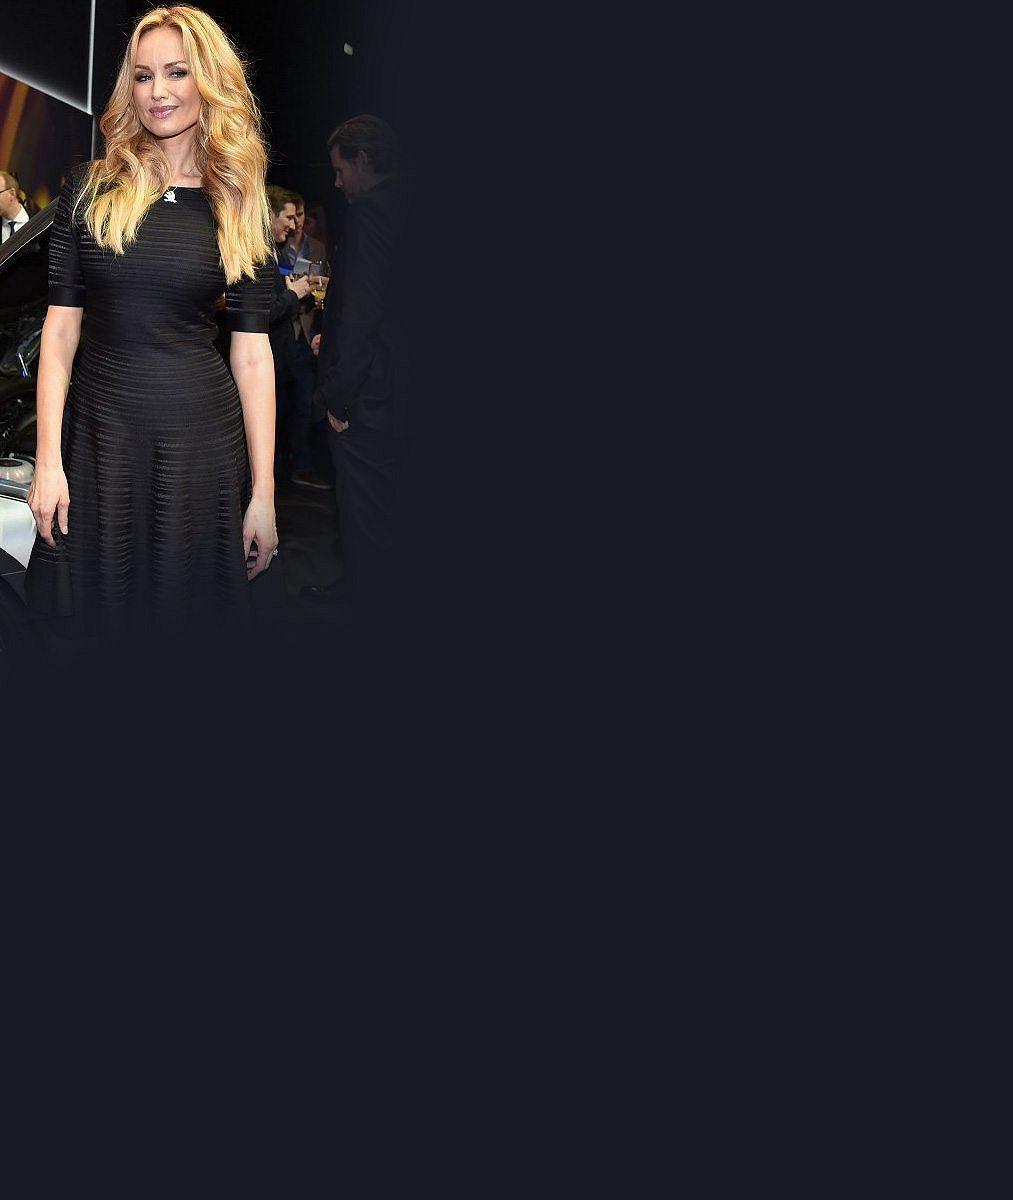 Šťastná novina: Modelka Adriana Sklenaříková (46) je těhotná